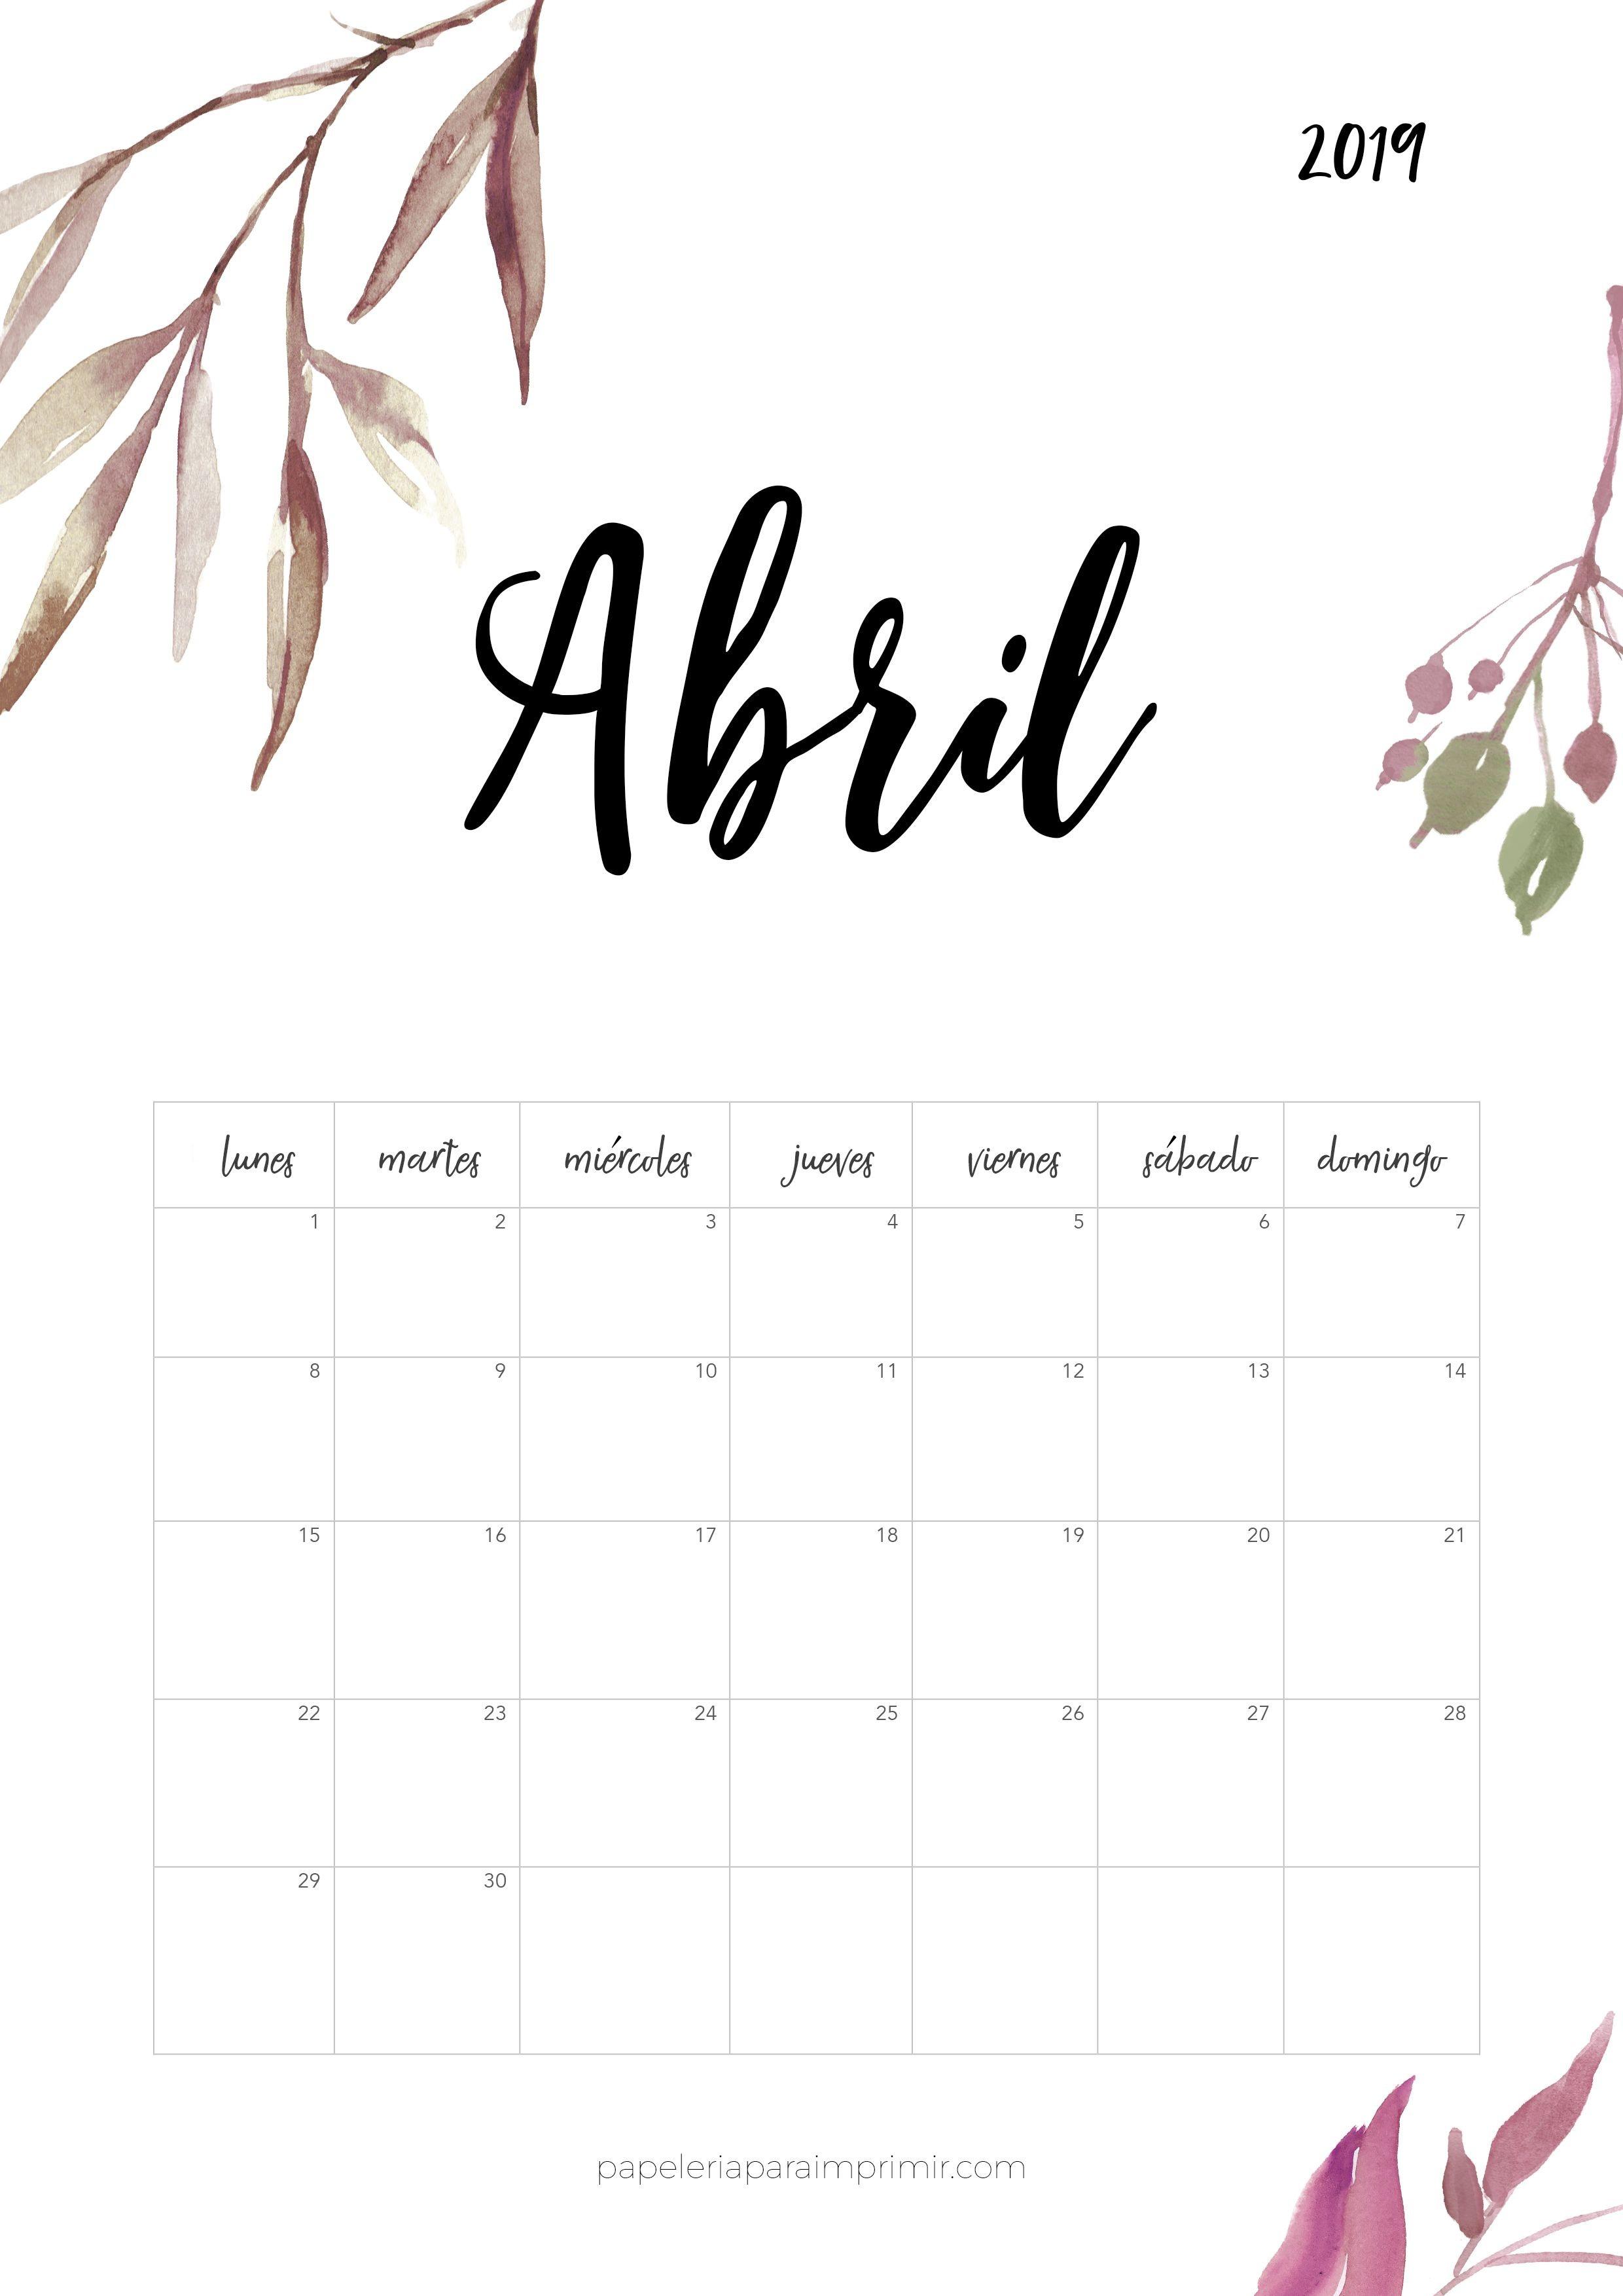 Calendario Imprimir Mayo Más Recientemente Liberado Calendario Para Imprimir 2019 Abril Calendario Calendar Of Calendario Imprimir Mayo Más Reciente Molde Para Quadro De Unic³rnio L£ Tran§ada Parte 1